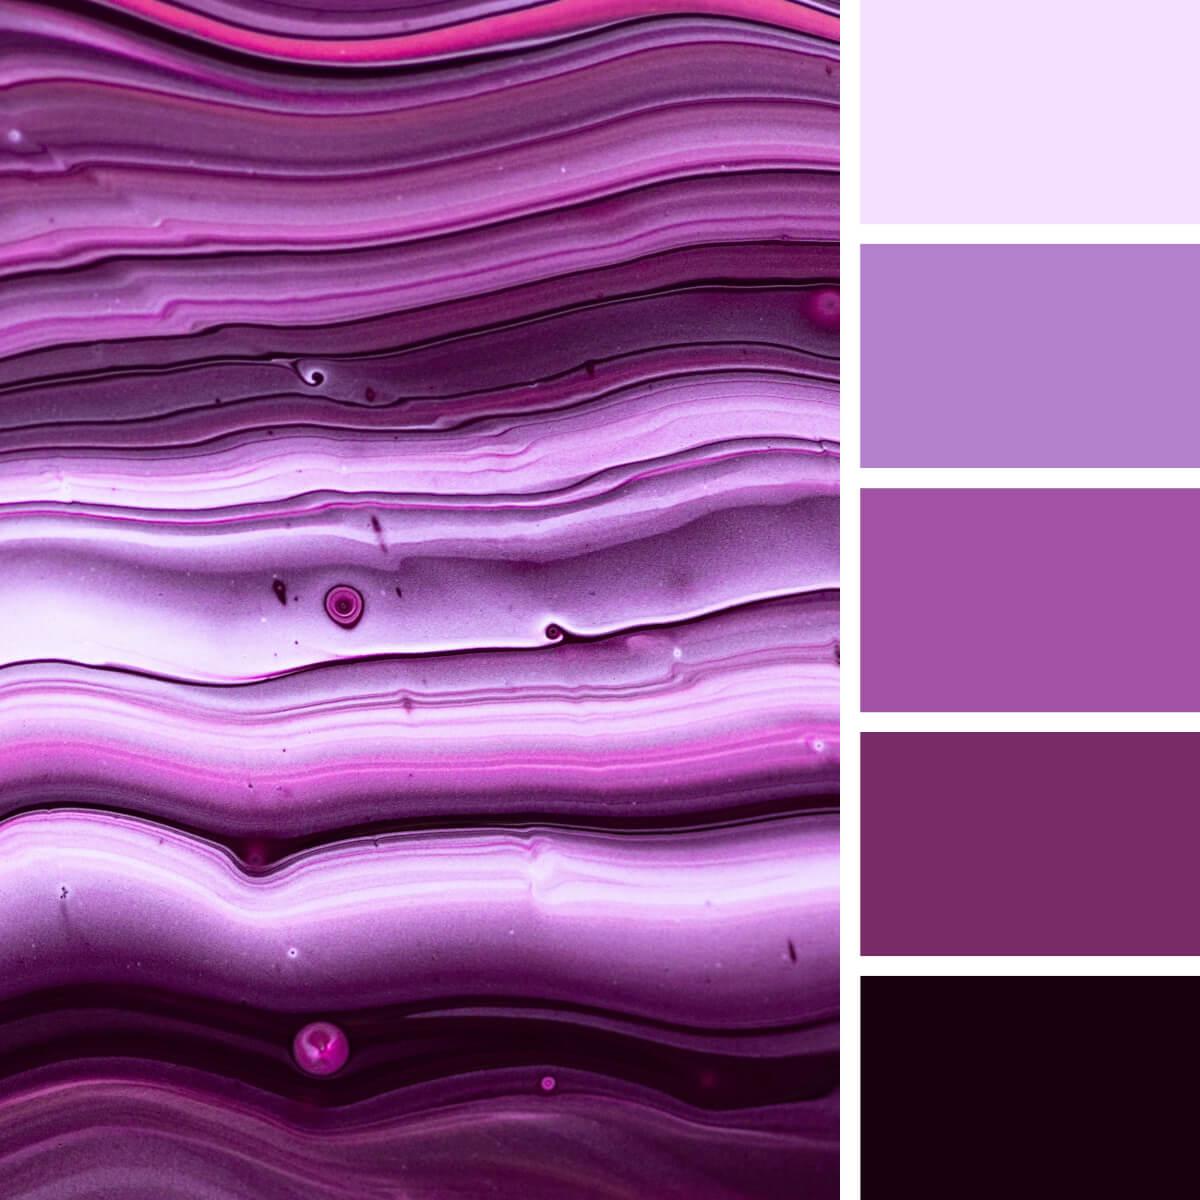 Monochrome Violet & Lilac